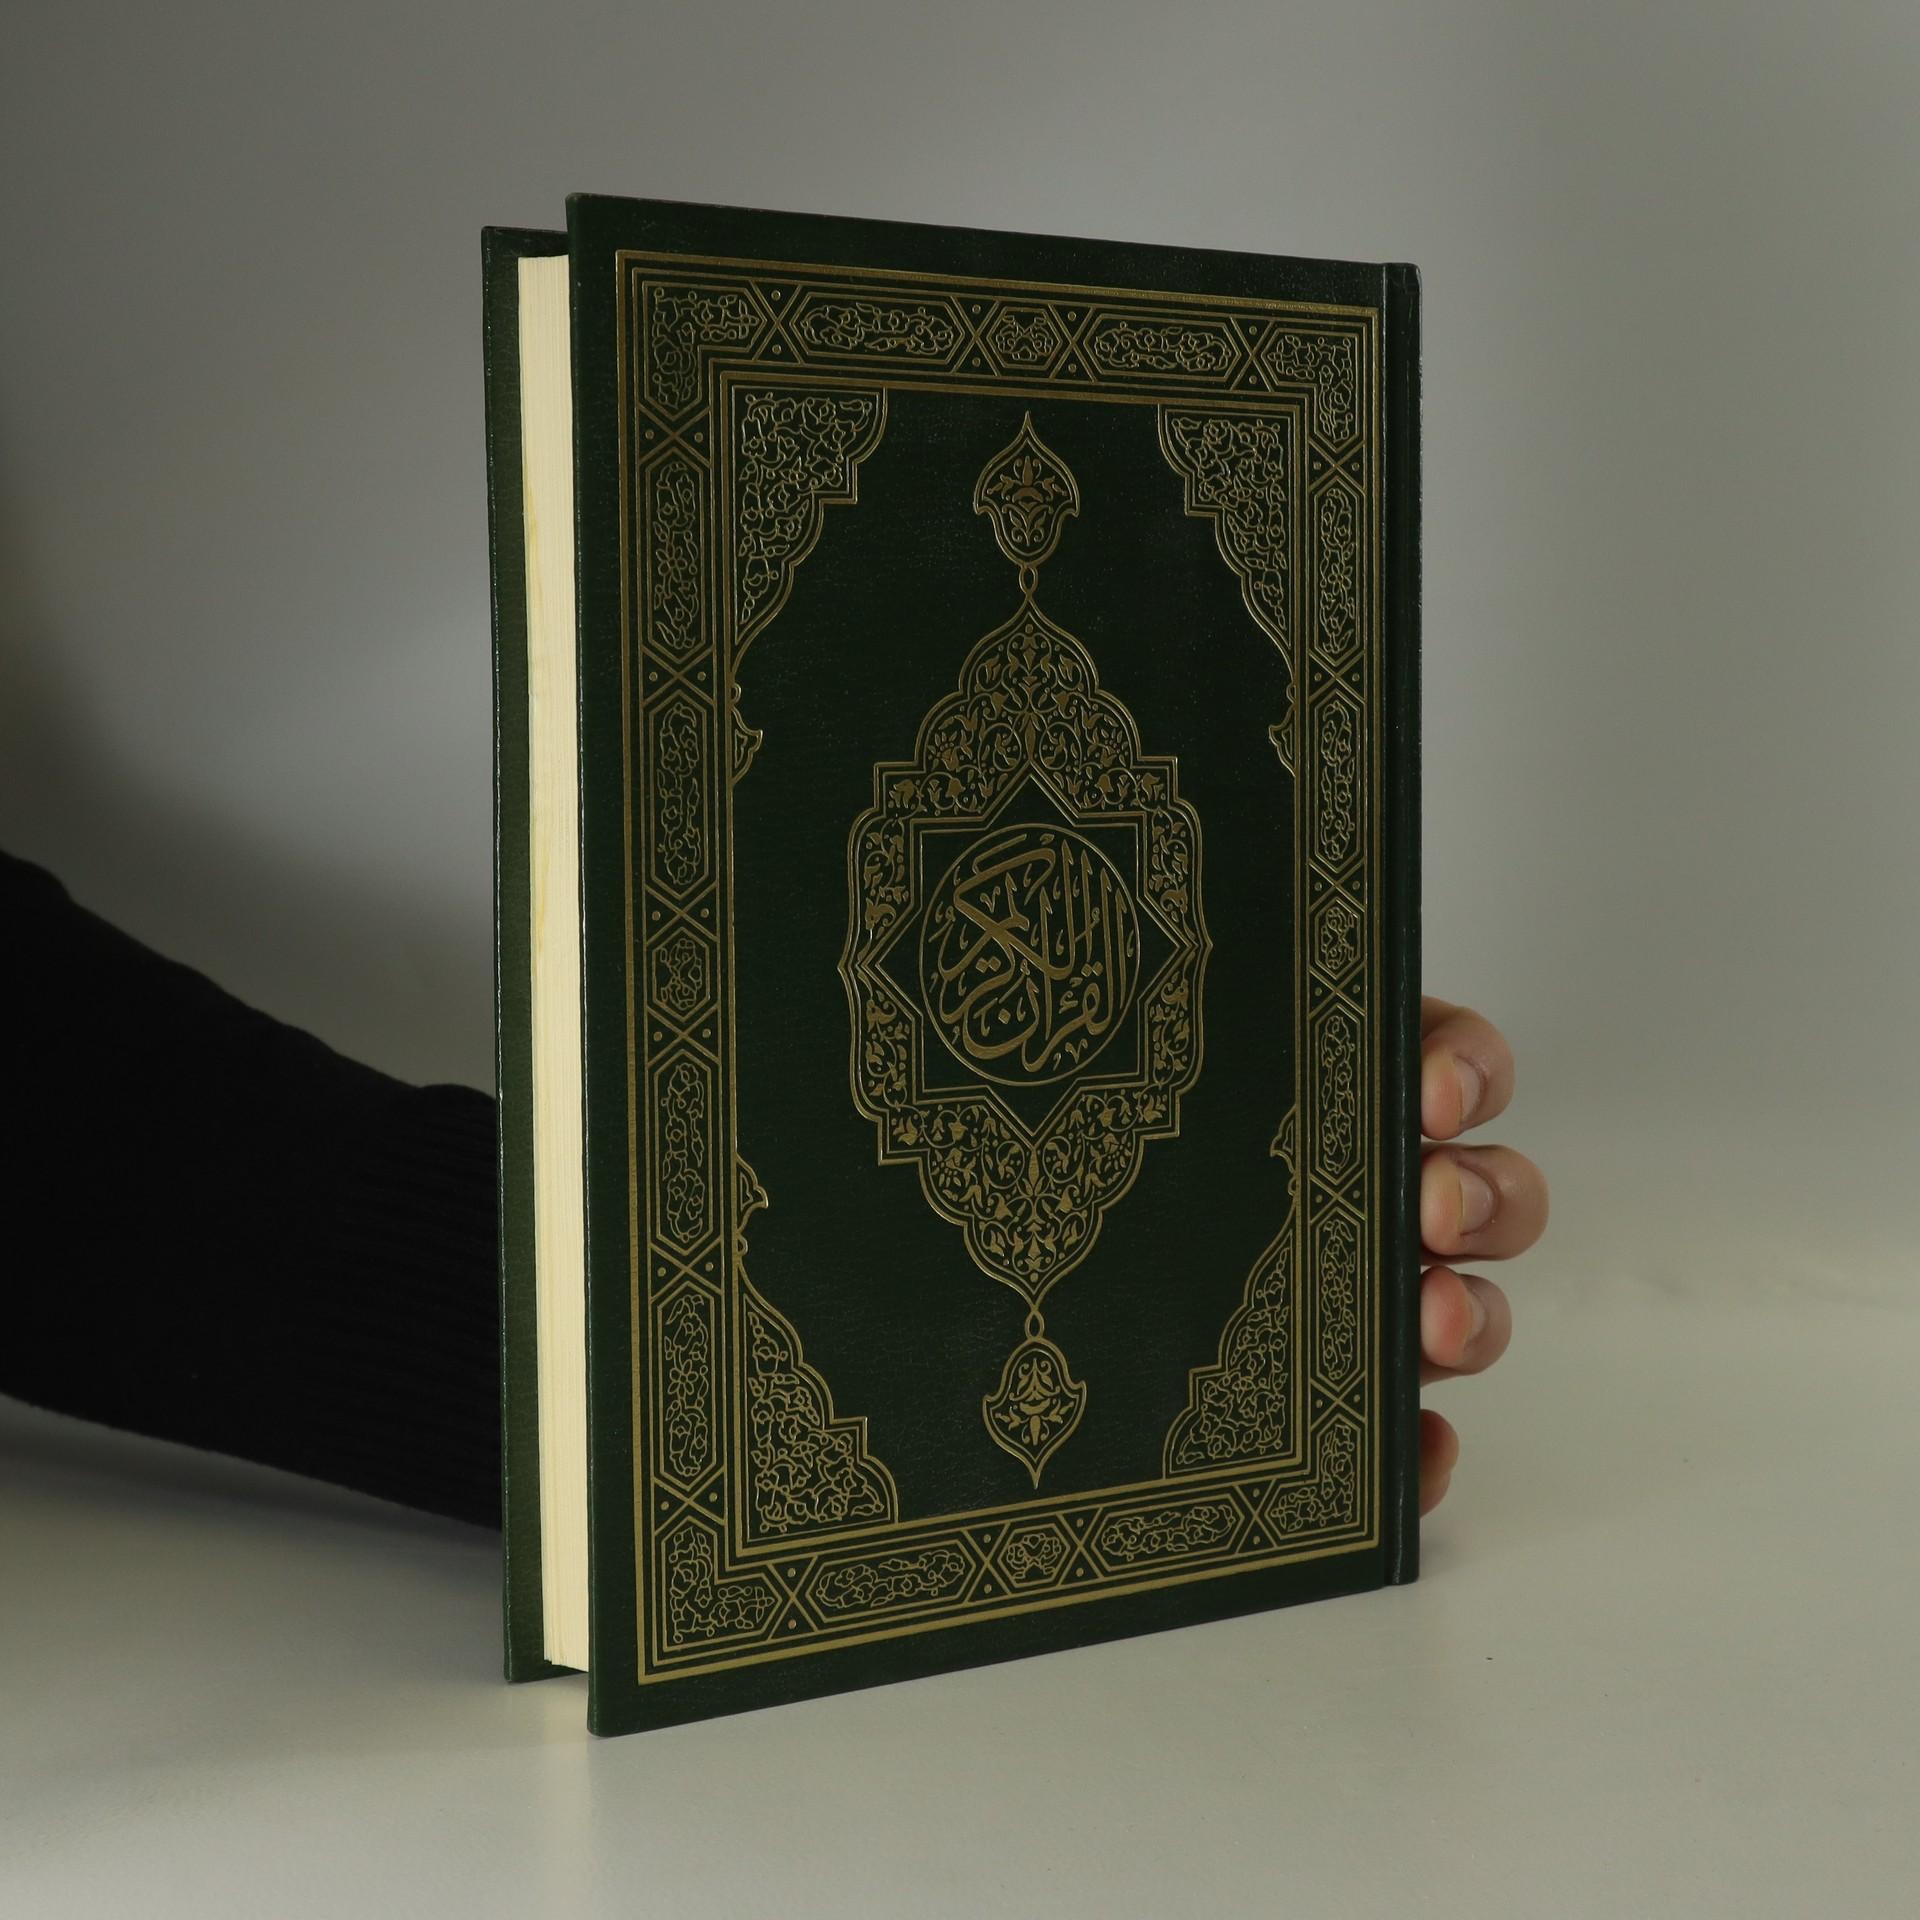 antikvární kniha al-Qur'ān (Korán v arabštině), neuveden